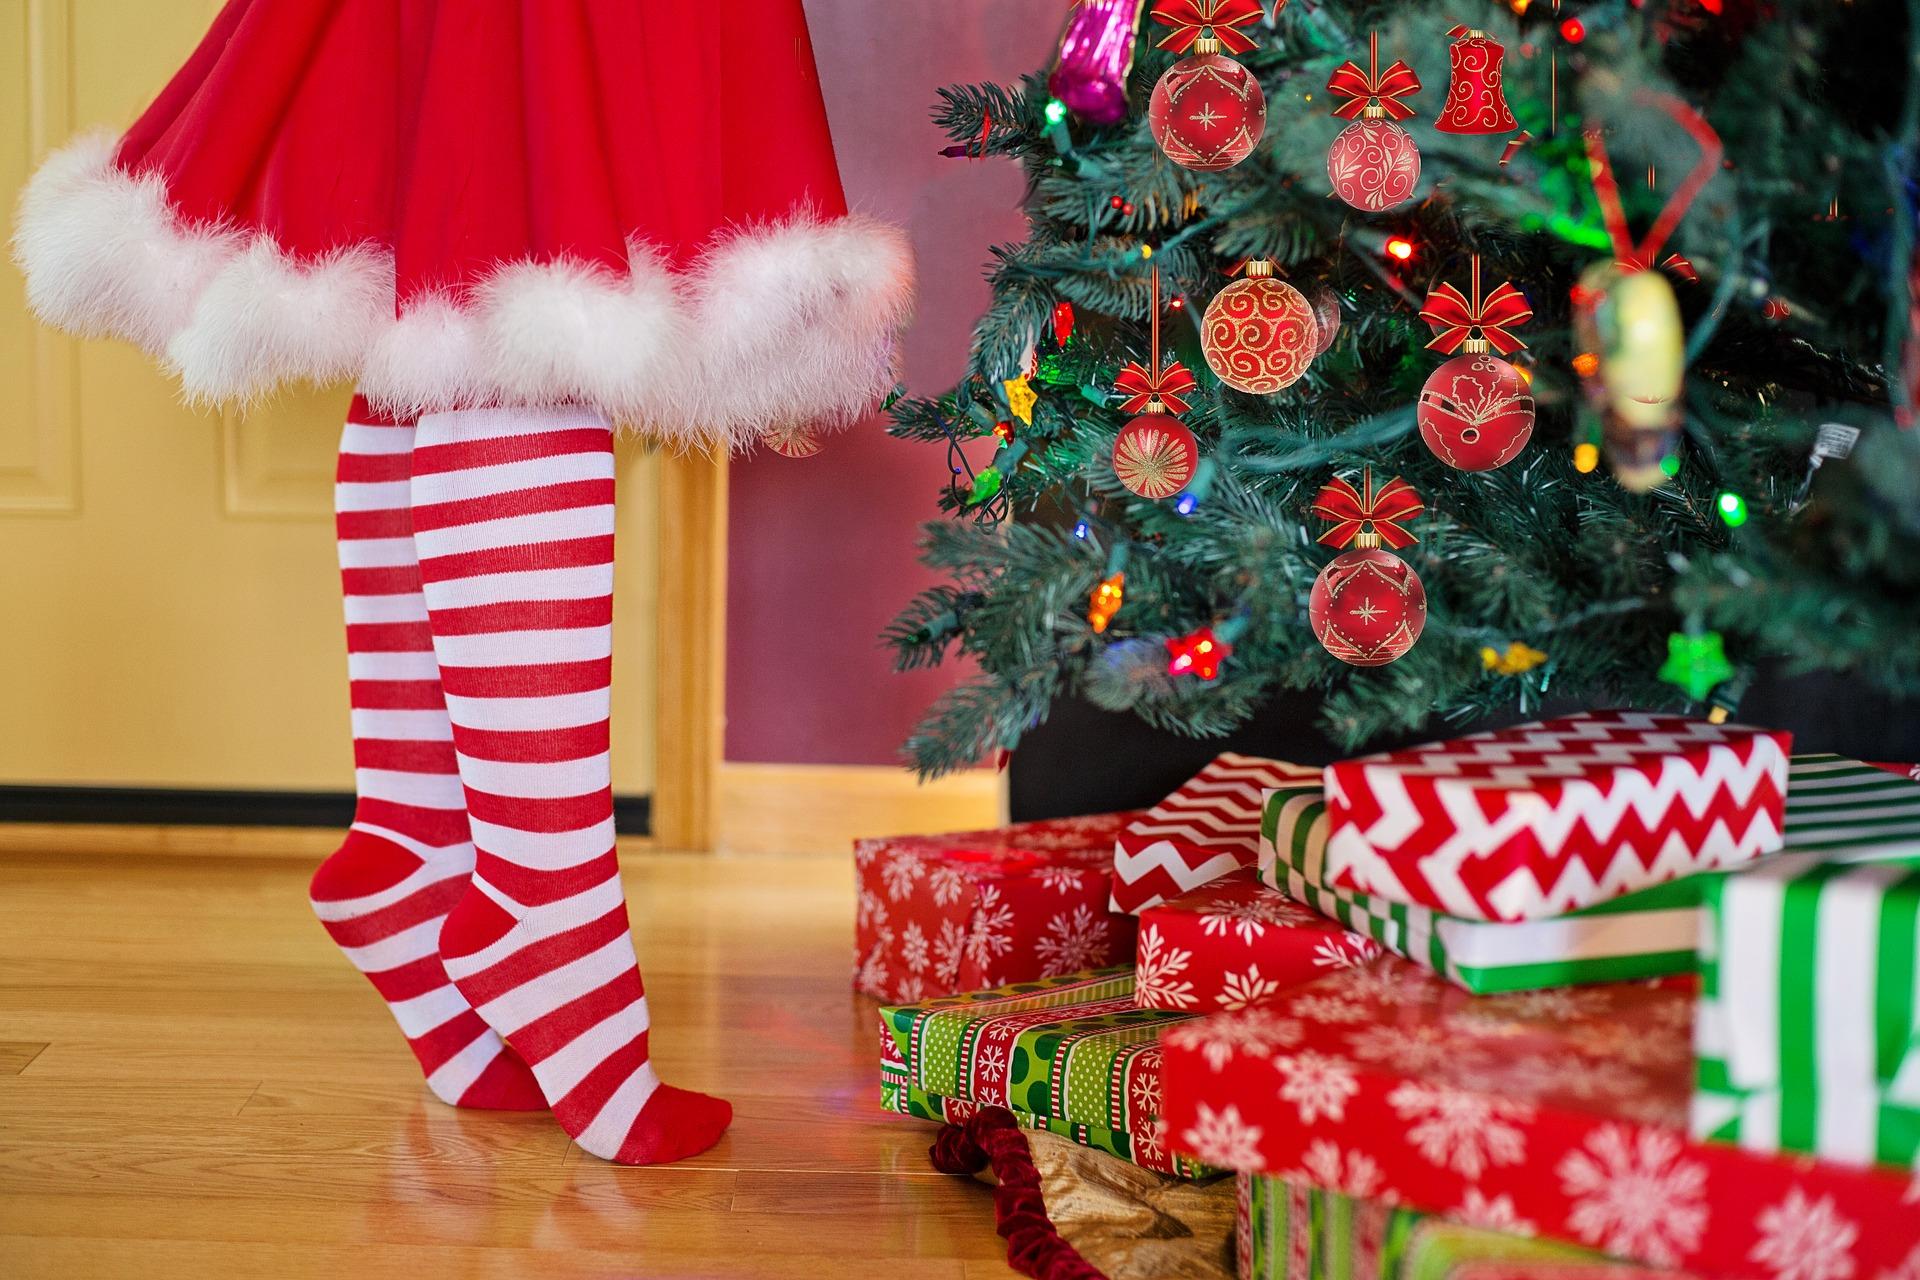 Pixabay corona virus Christmas